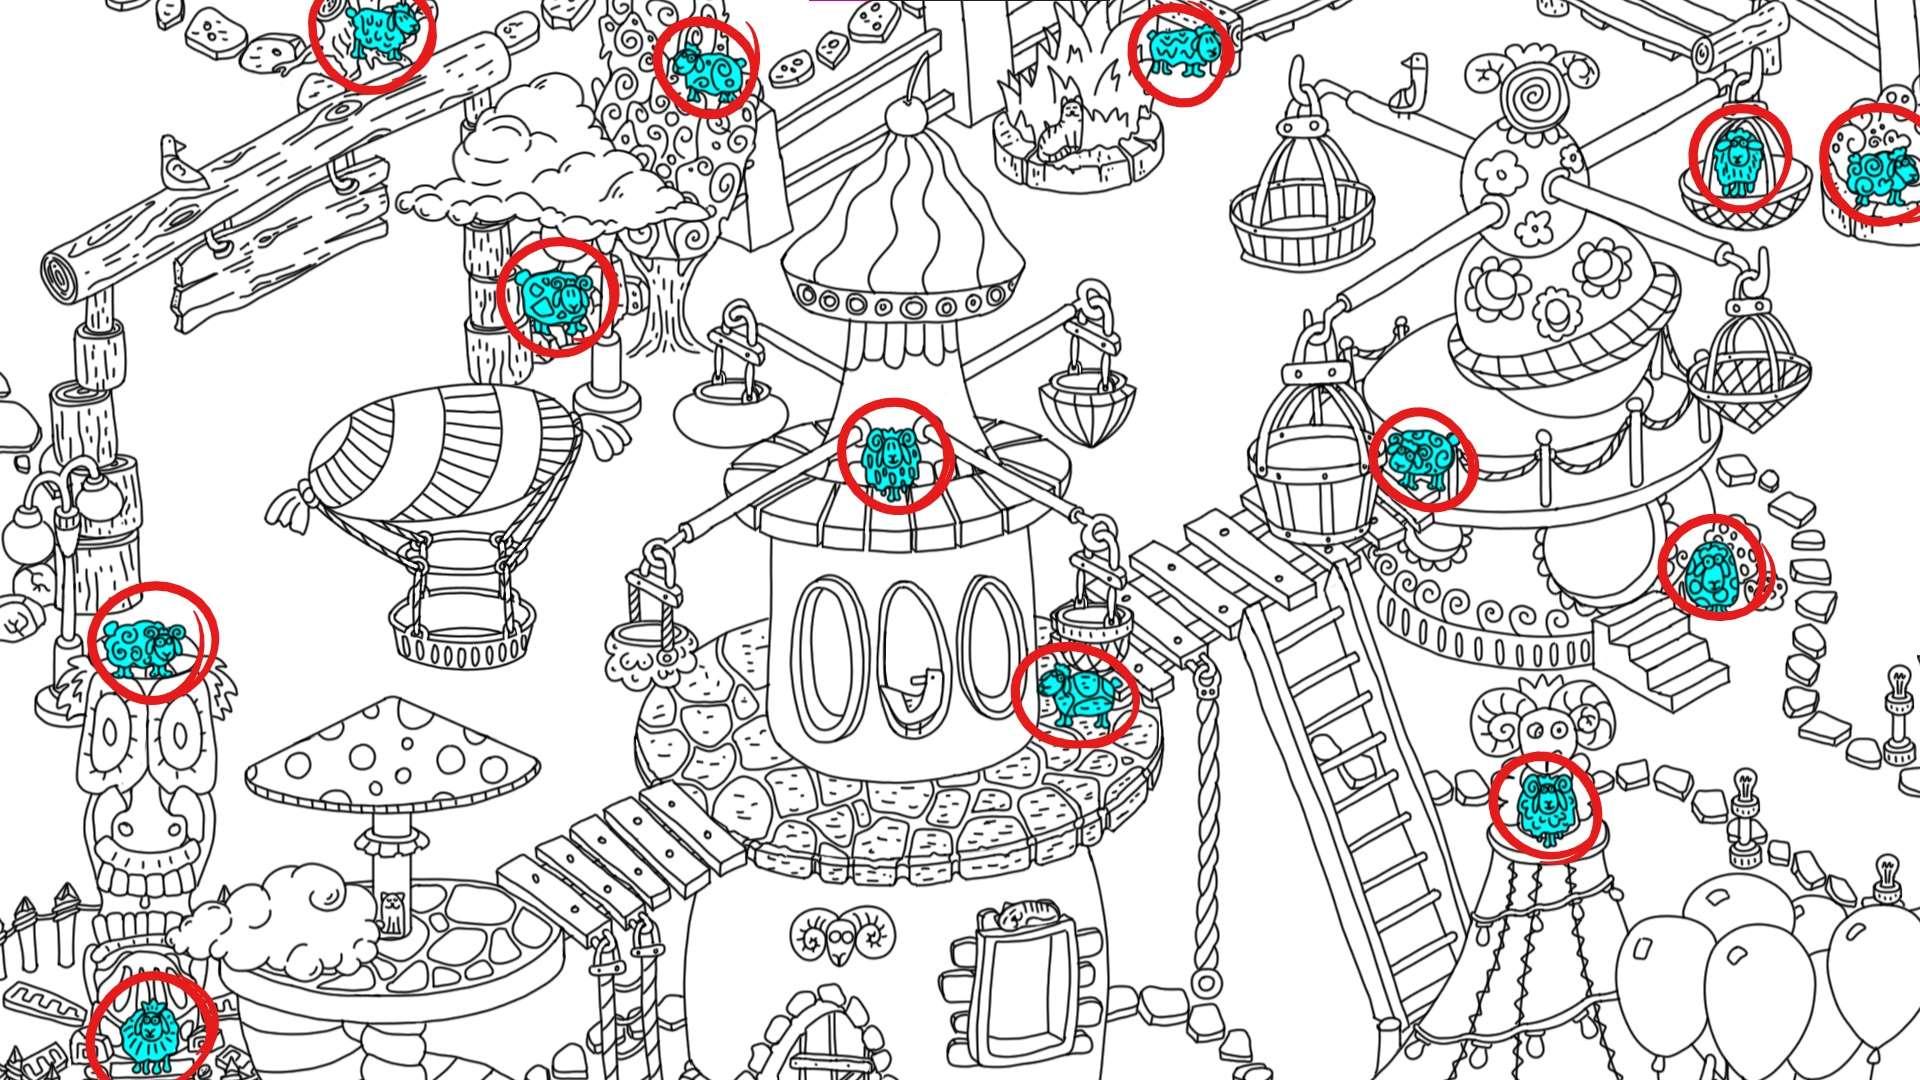 100 hidden rams - All Hidden Ram Location - Map Guide - all rams - 050FFDB